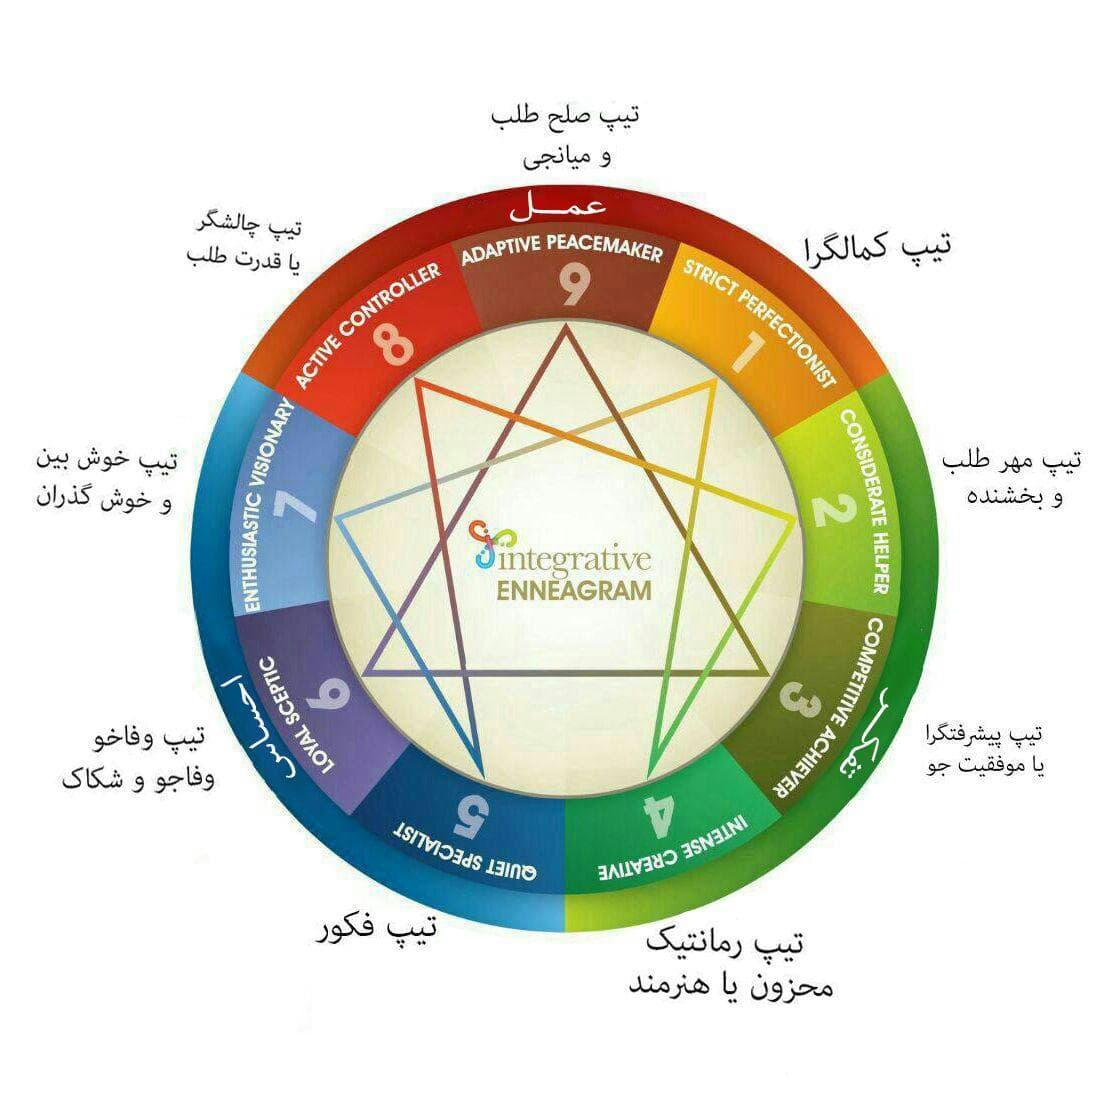 روانشناسی تیپ های مختلف شخصیتی ، تیپهای شخصیتی MBTI